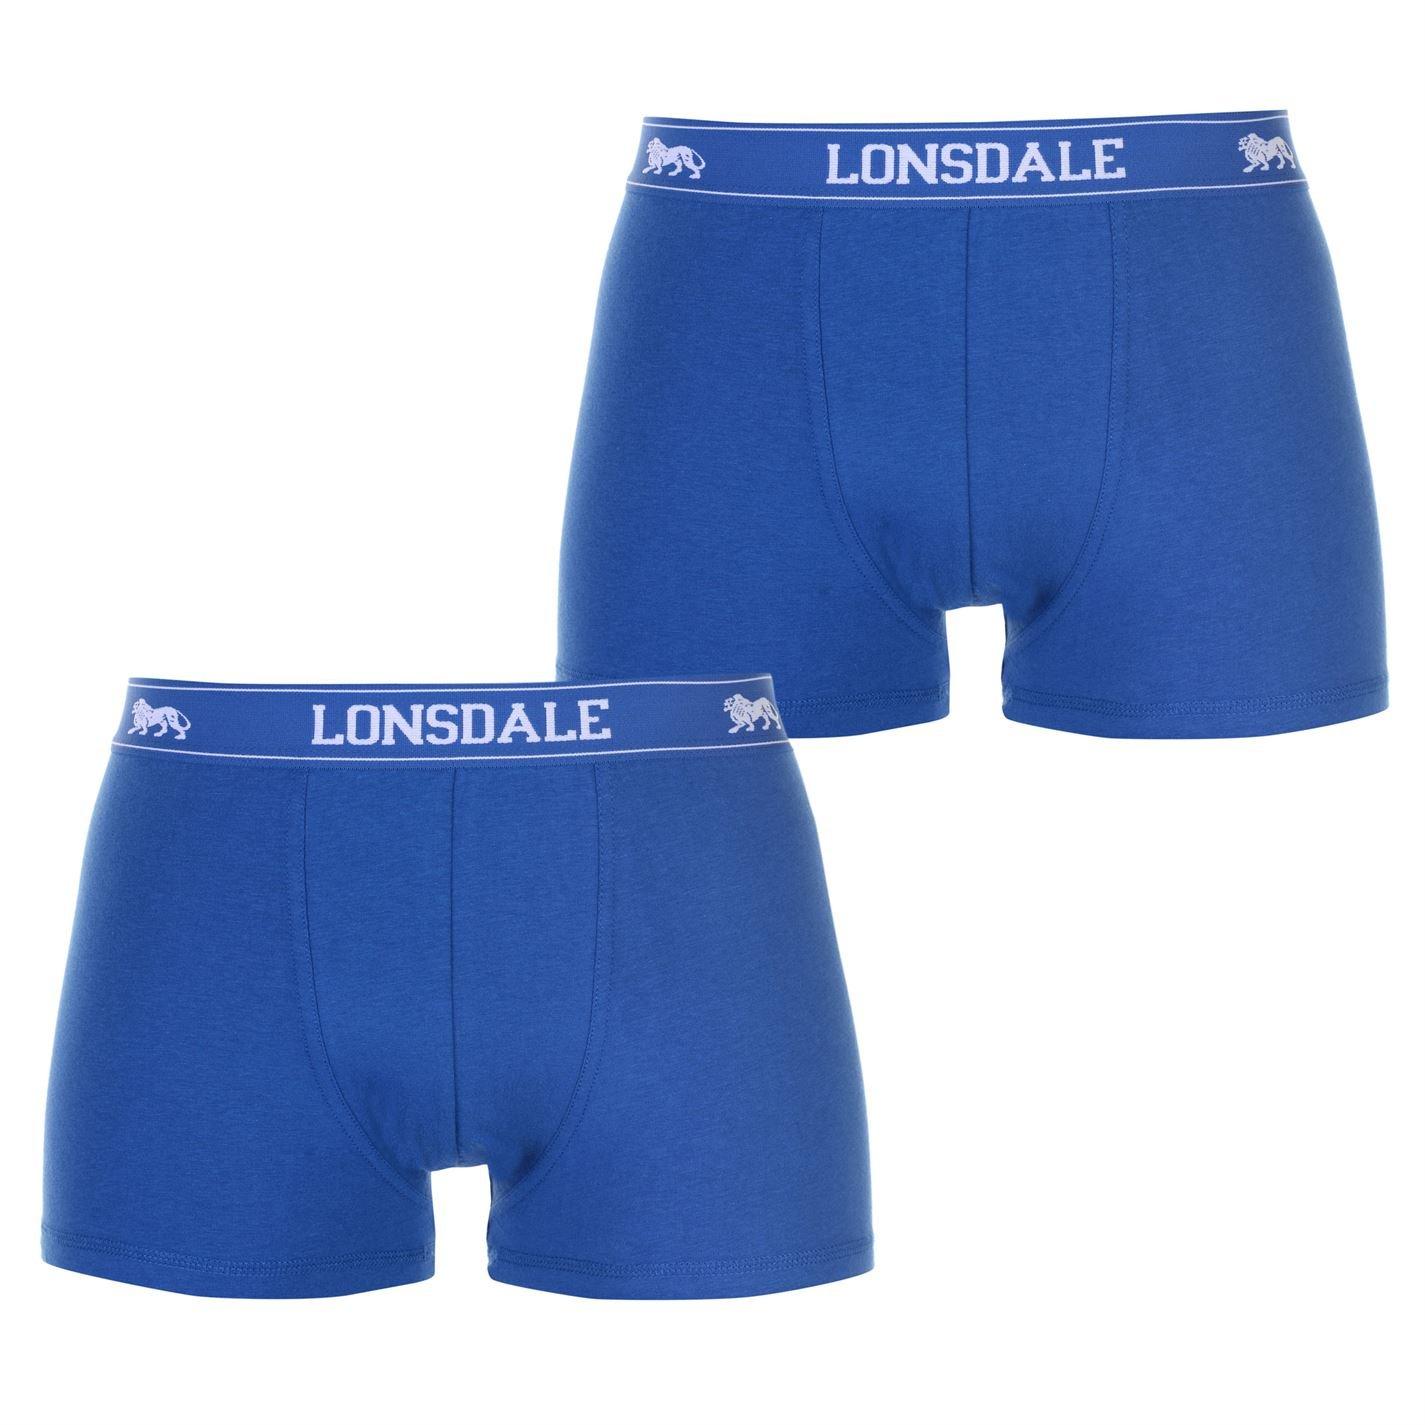 Lonsdale Herren 2 Paar Hipsters Trunk Boxer Shorts Unterhose Unterwaesche